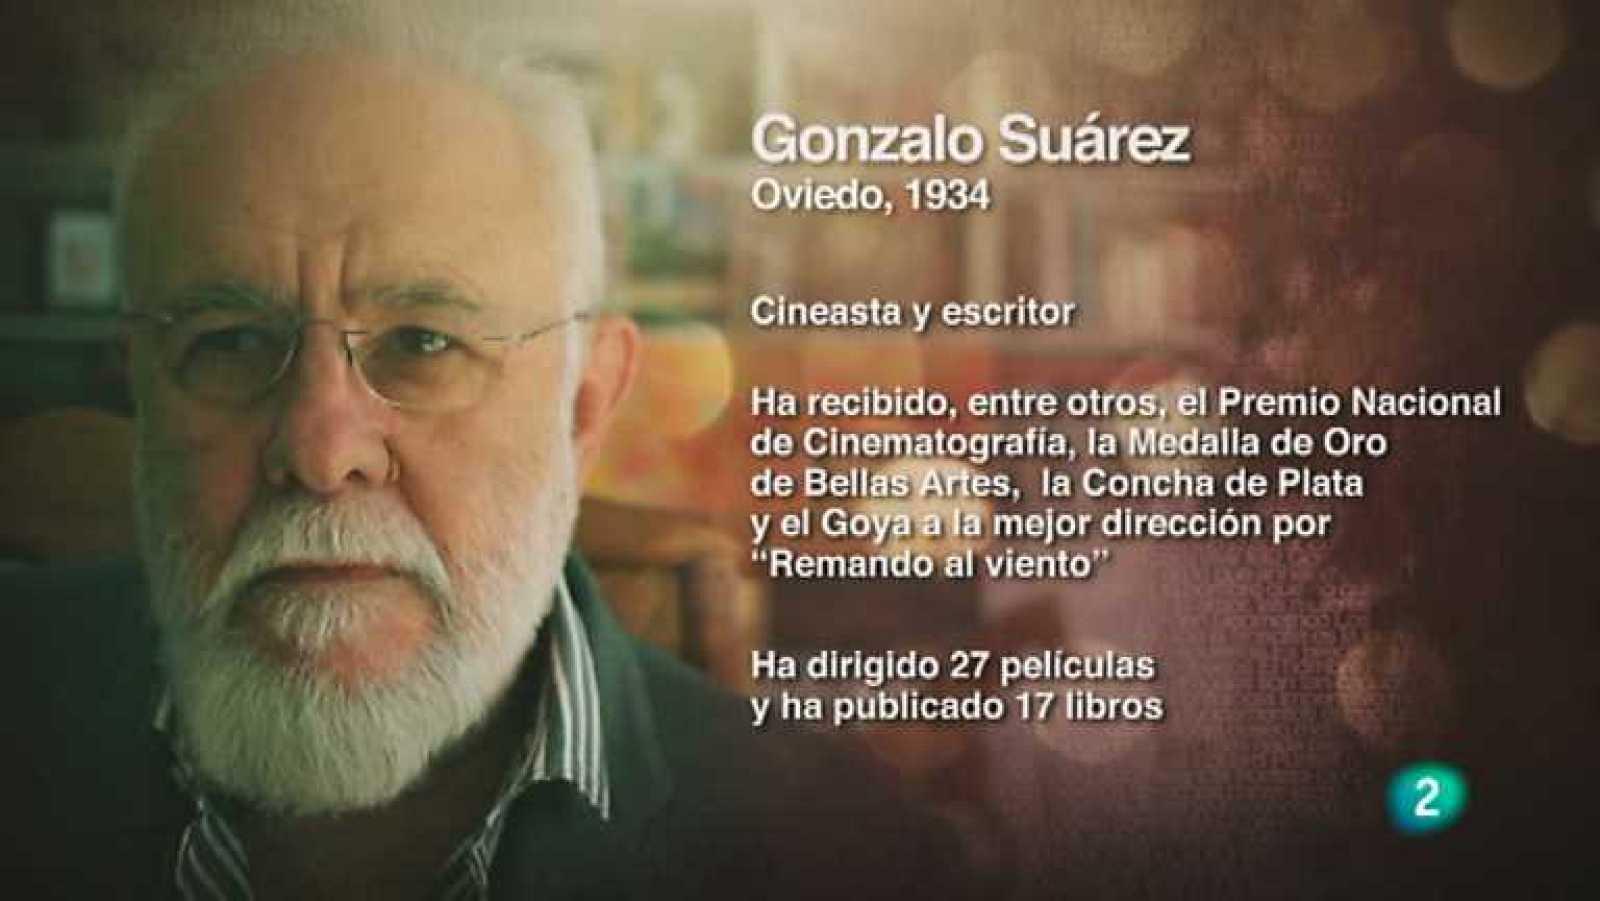 Pienso, luego existo - Gonzalo Suárez - ver ahora